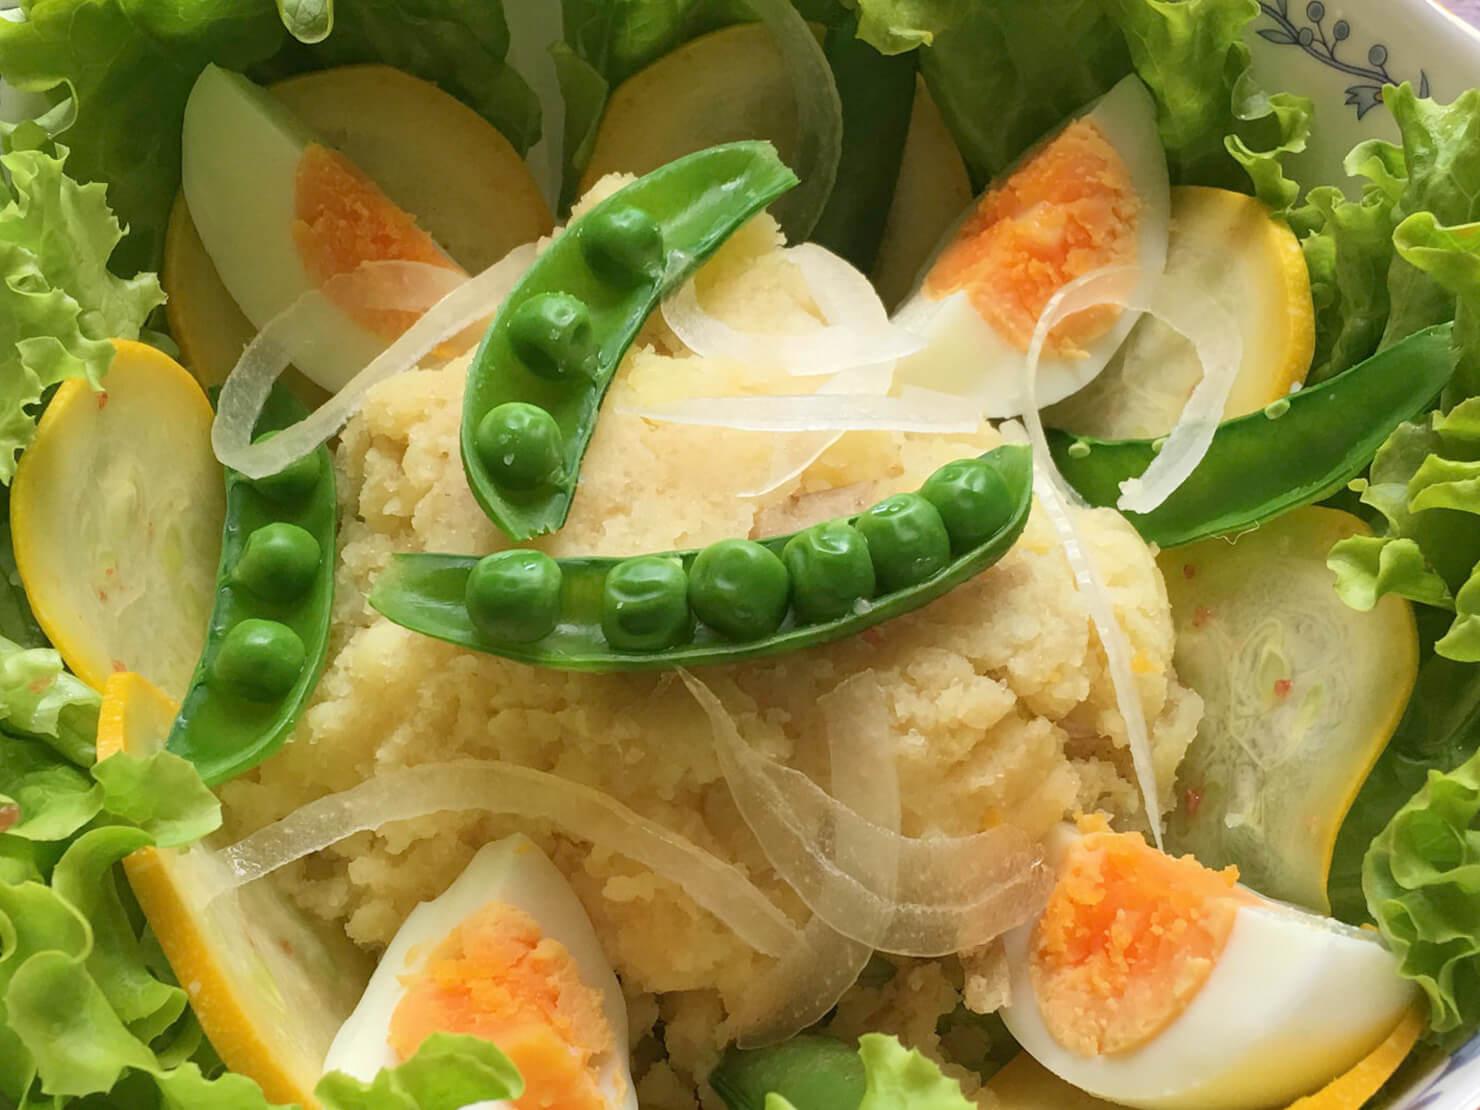 タラモサラダの盛りつけ方がわかる写真